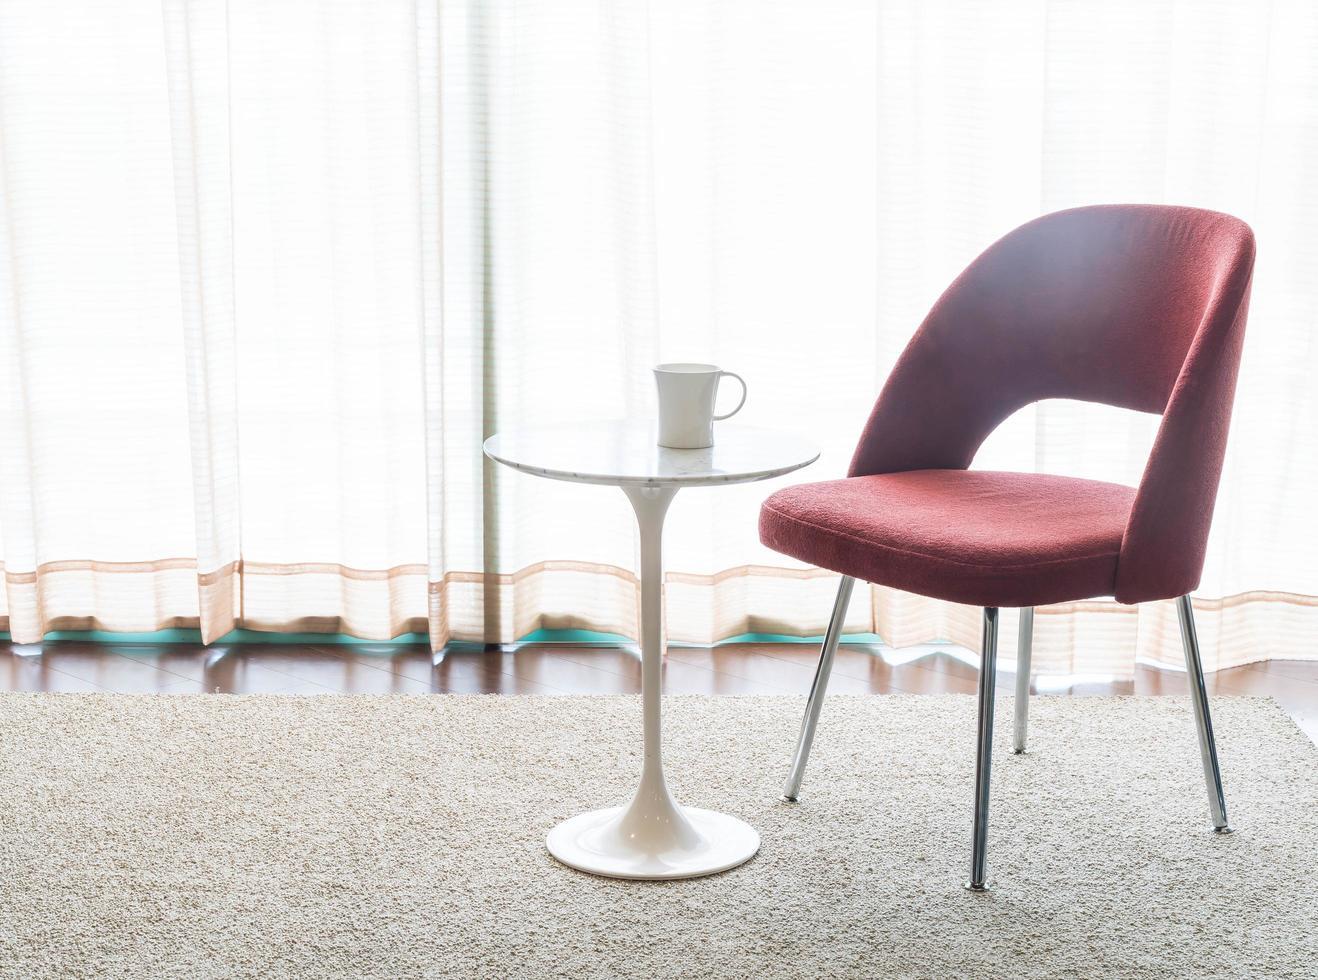 chaise rouge et table avec une tasse de café photo